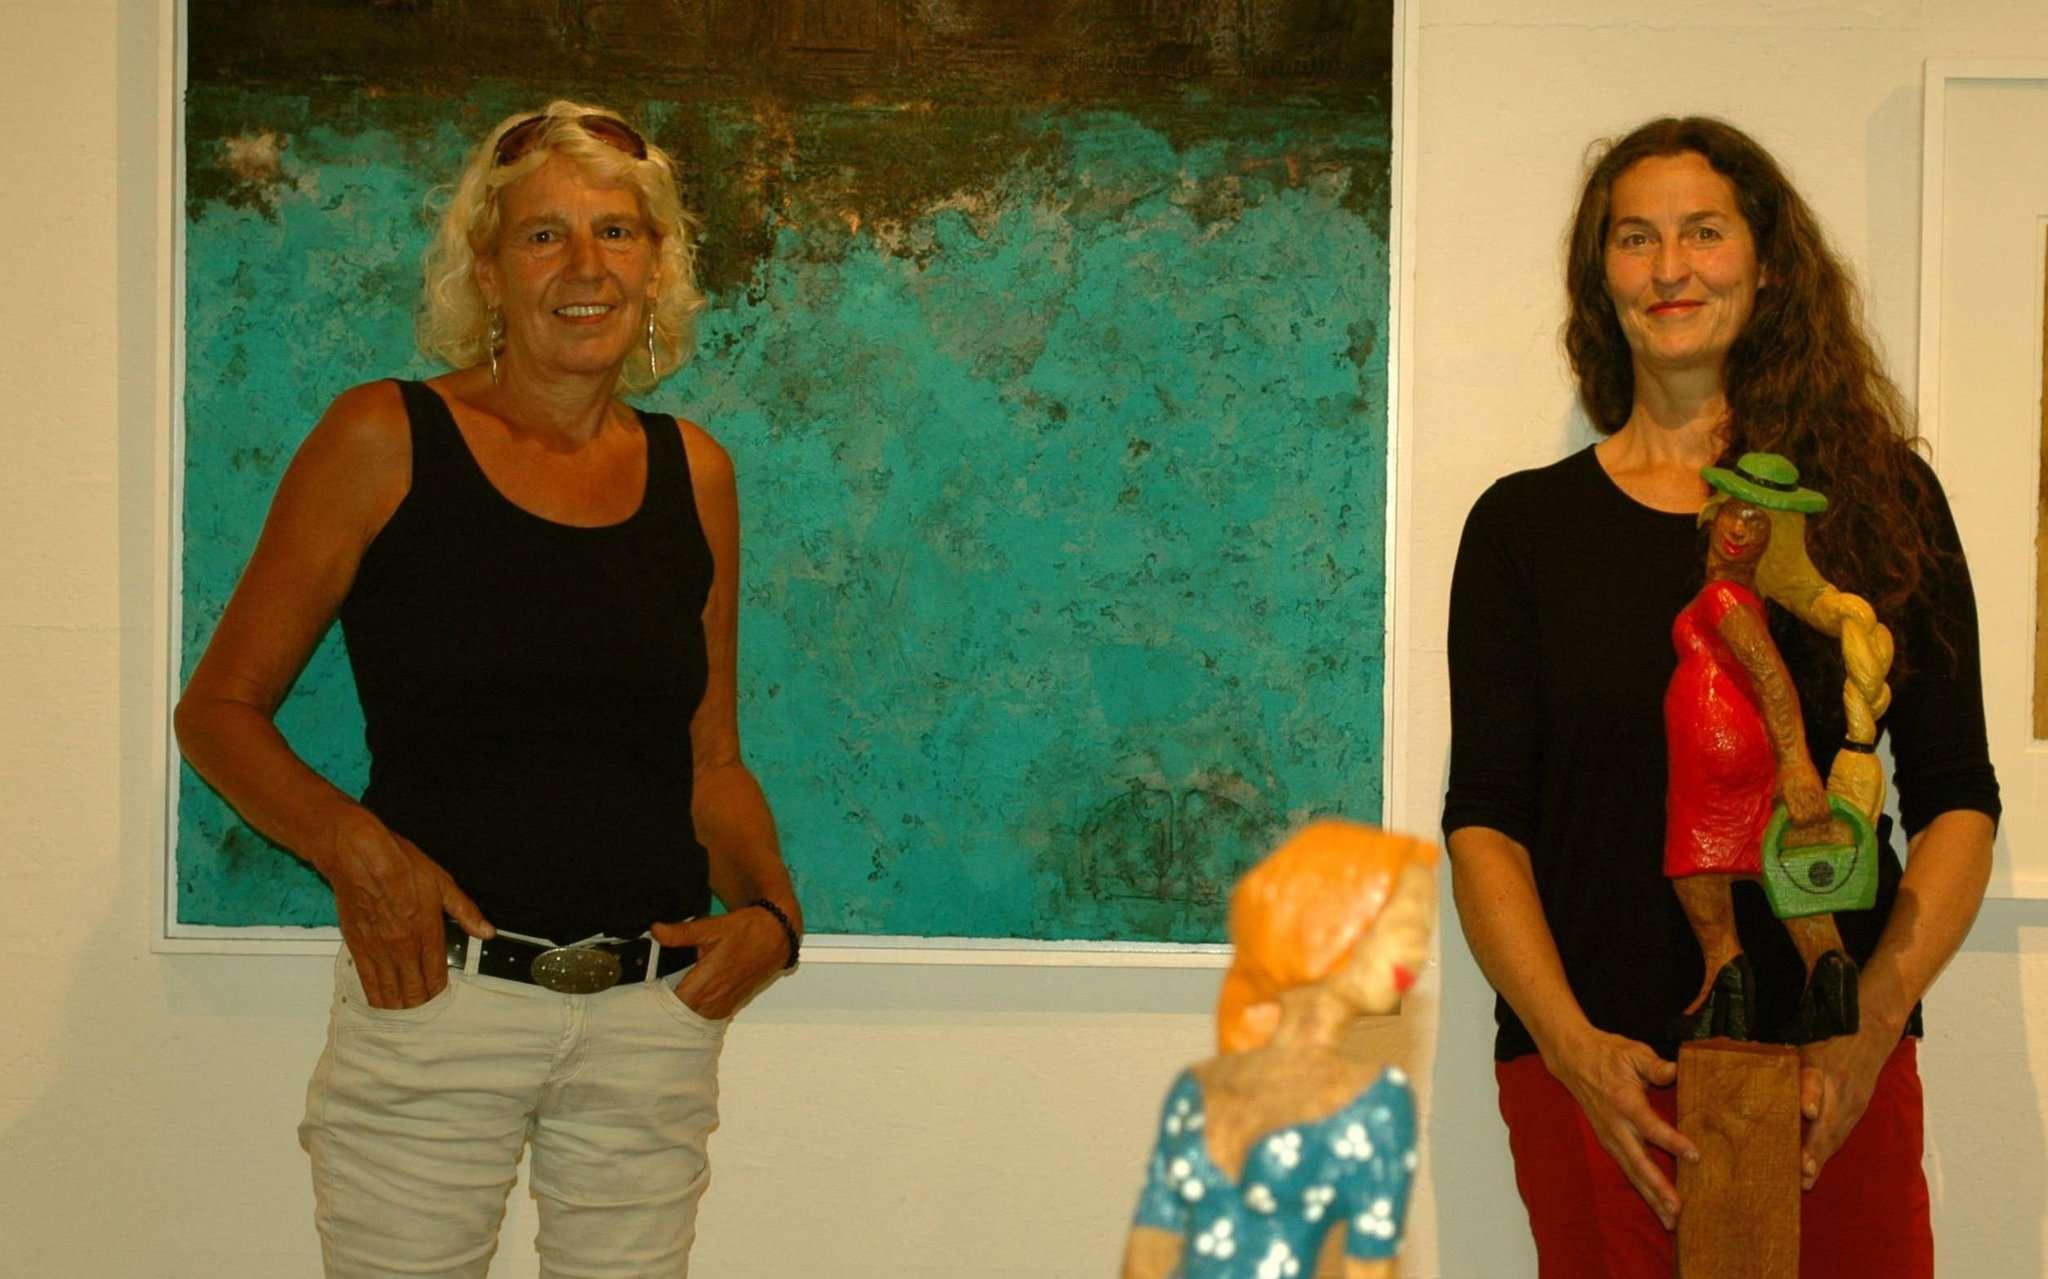 Maggie Luitjens aus Bremen und Ragna Reusch aus Ahausen stellen in den nächsten Wochen gemeinsam im Scheeßeler Meyerhof aus. Foto: Jens Lou00ebs